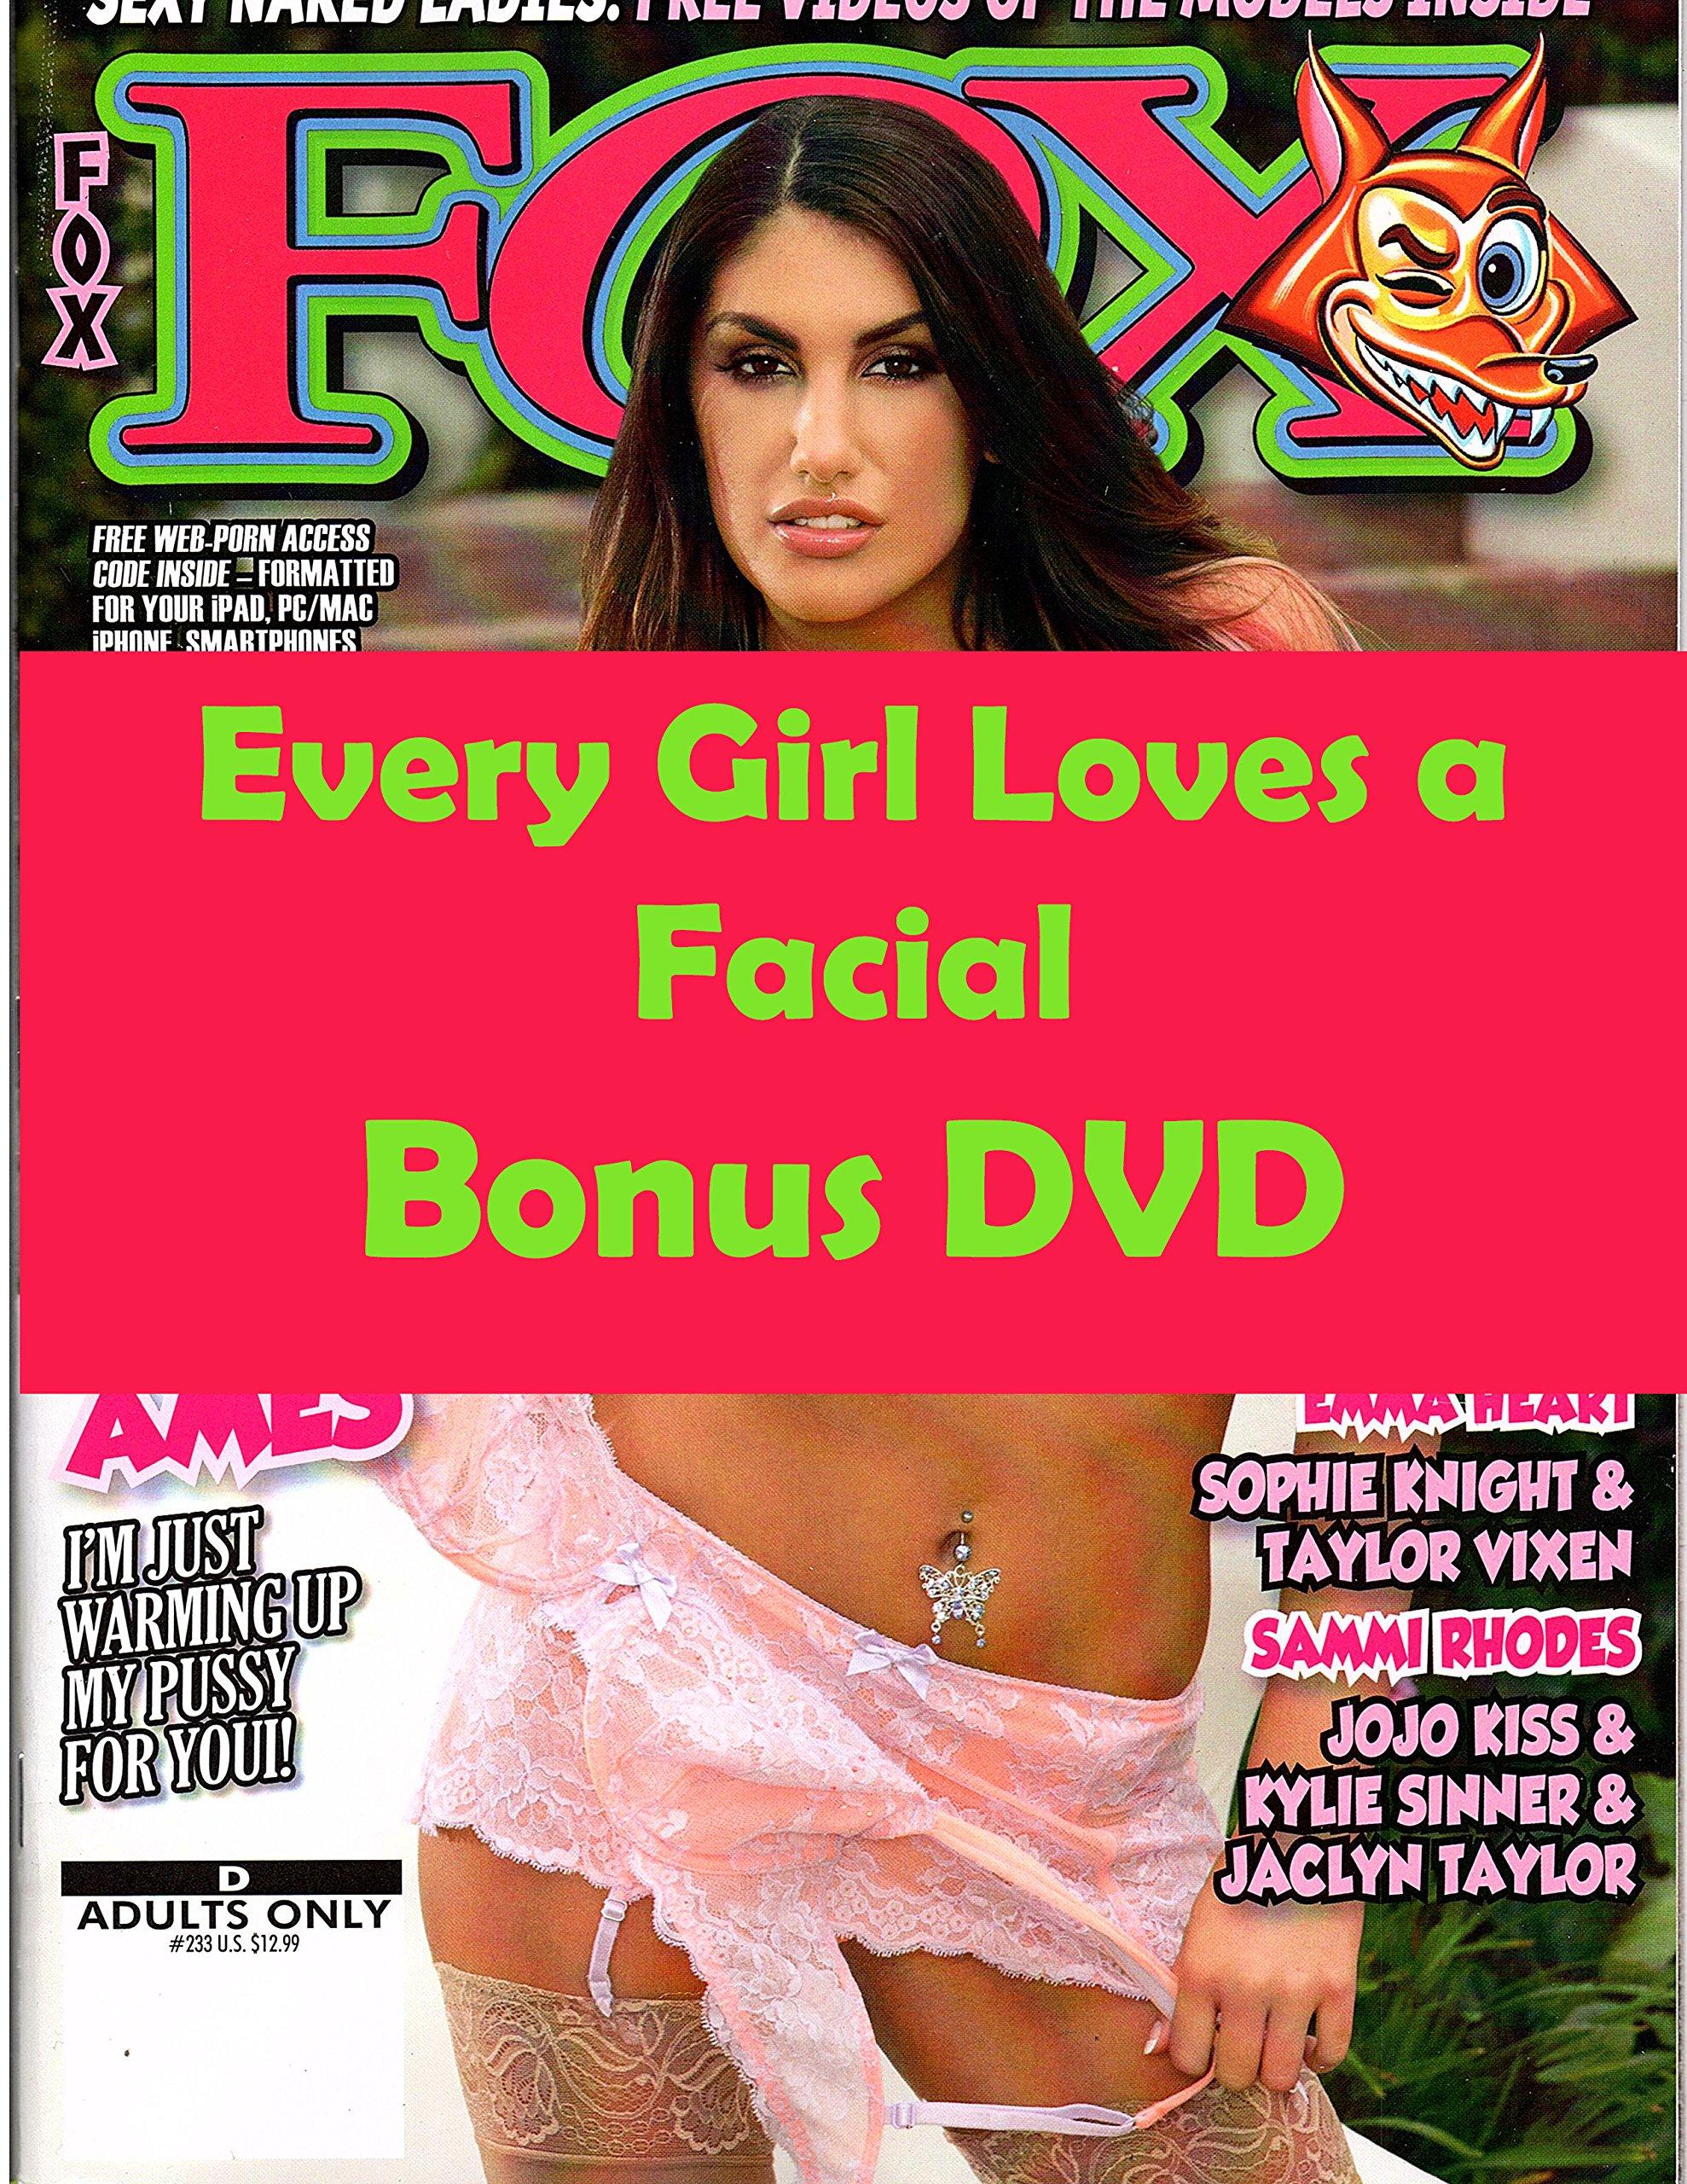 Porn buy dvd facials apologise